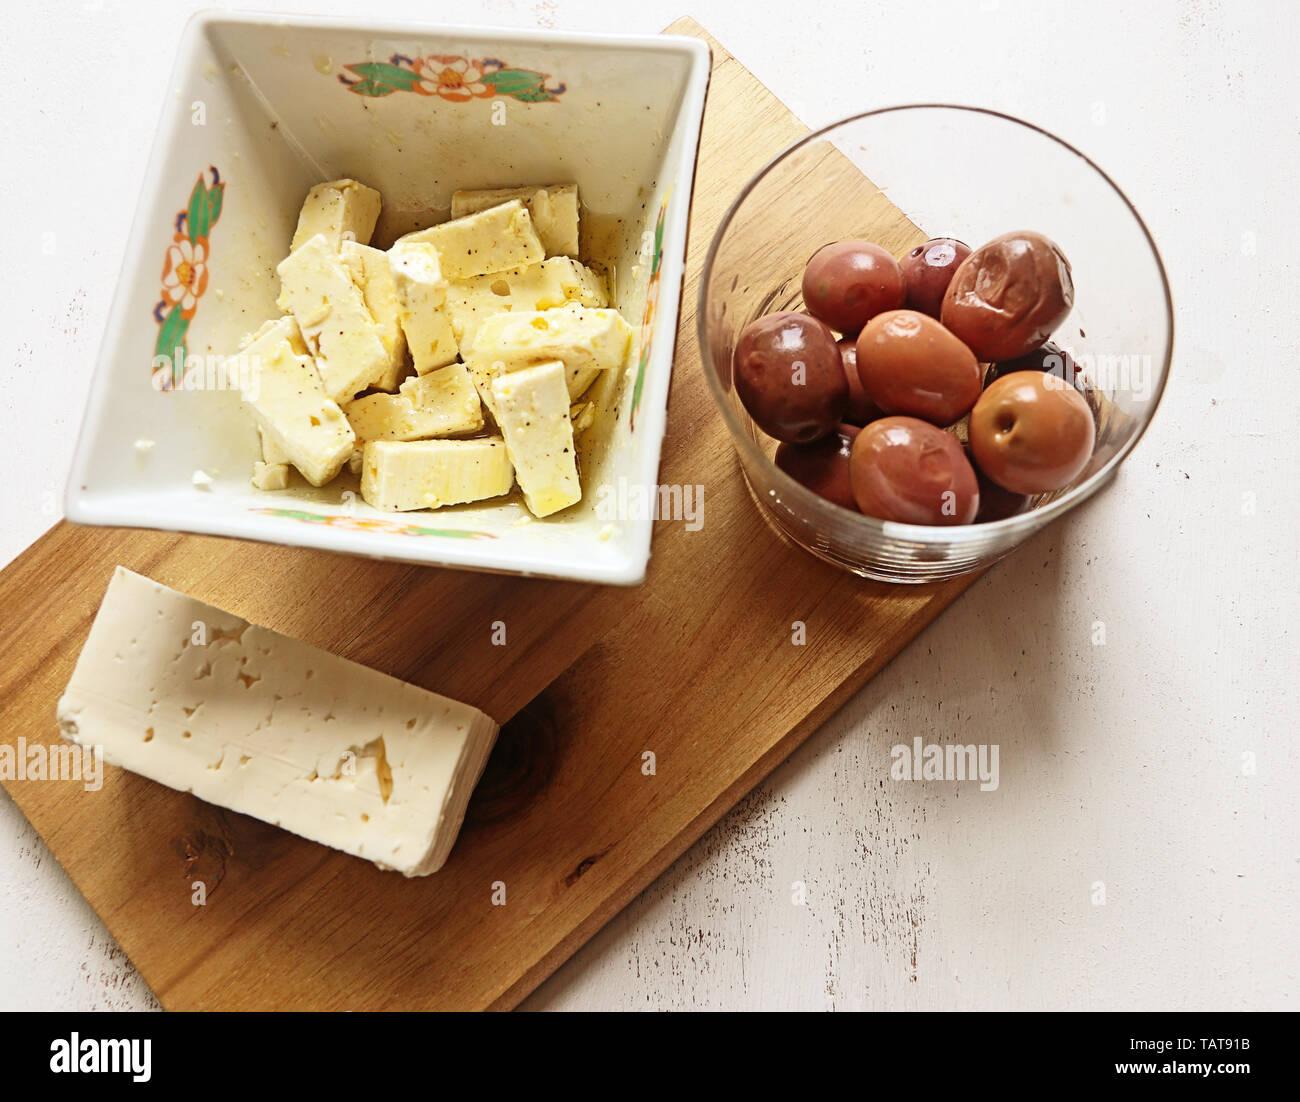 Le fromage Feta habillé avec le poivre et l'huile d'olive et olives noires grecques Banque D'Images